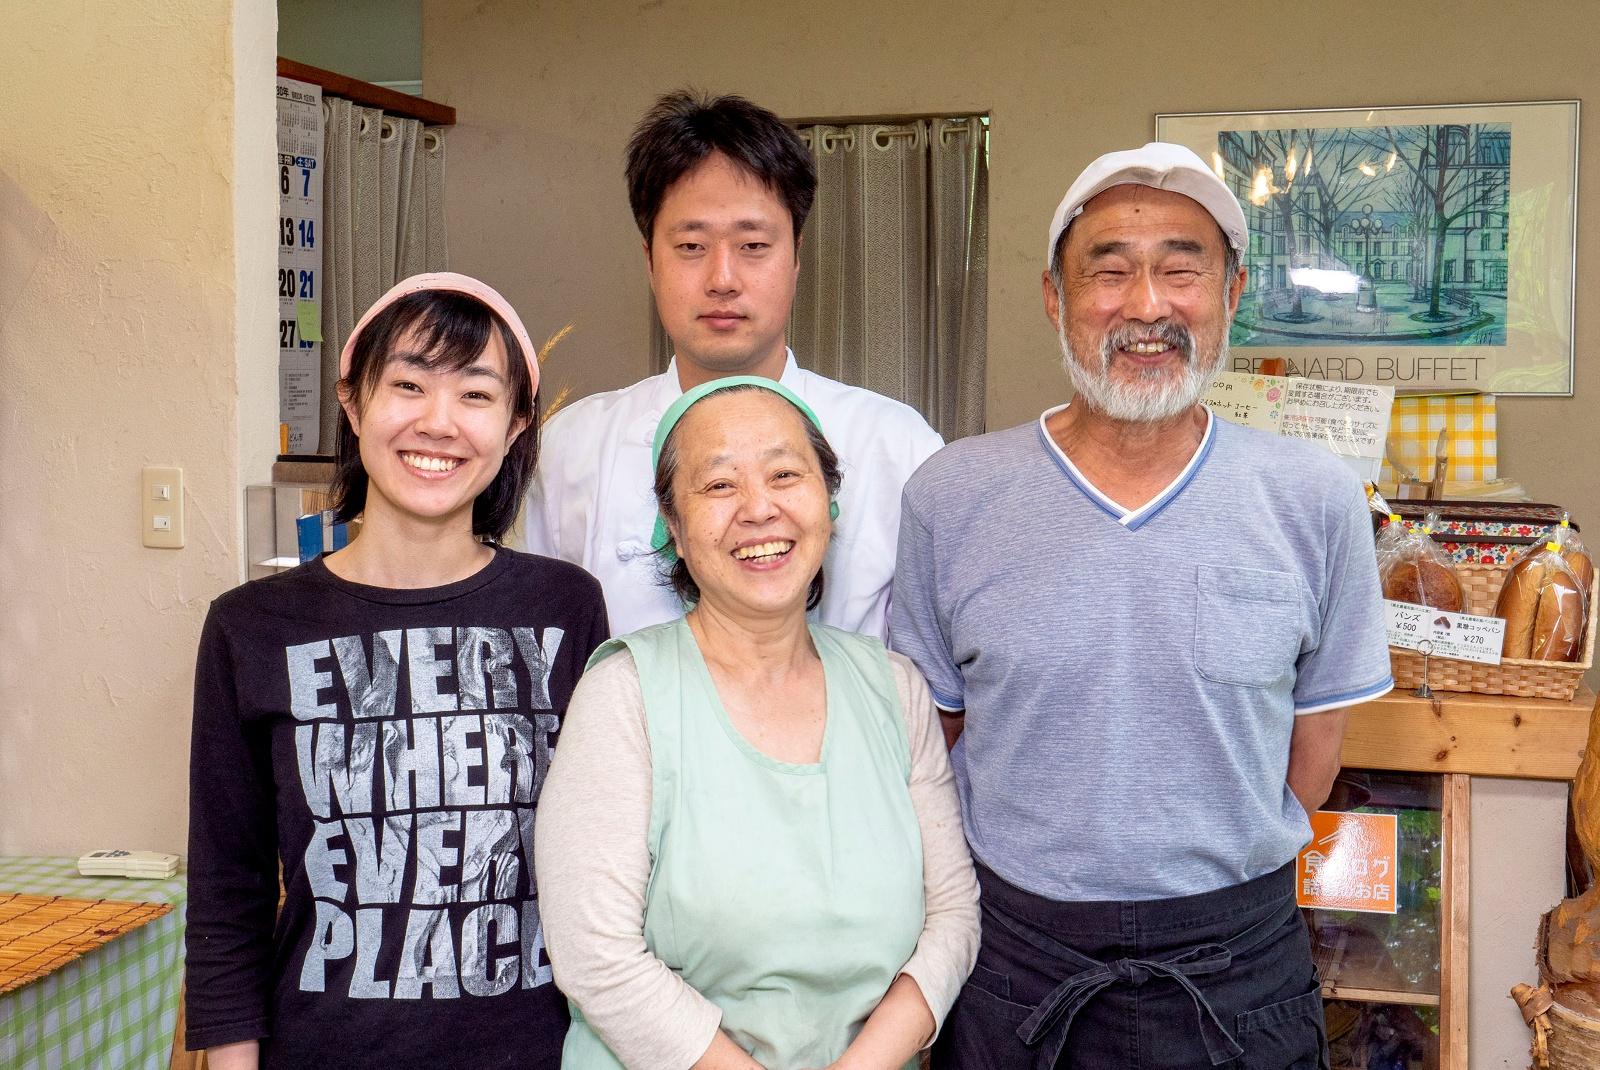 牛飼いを目指し北海道に来た夫婦がニセコで石窯パン作りを始めた理由